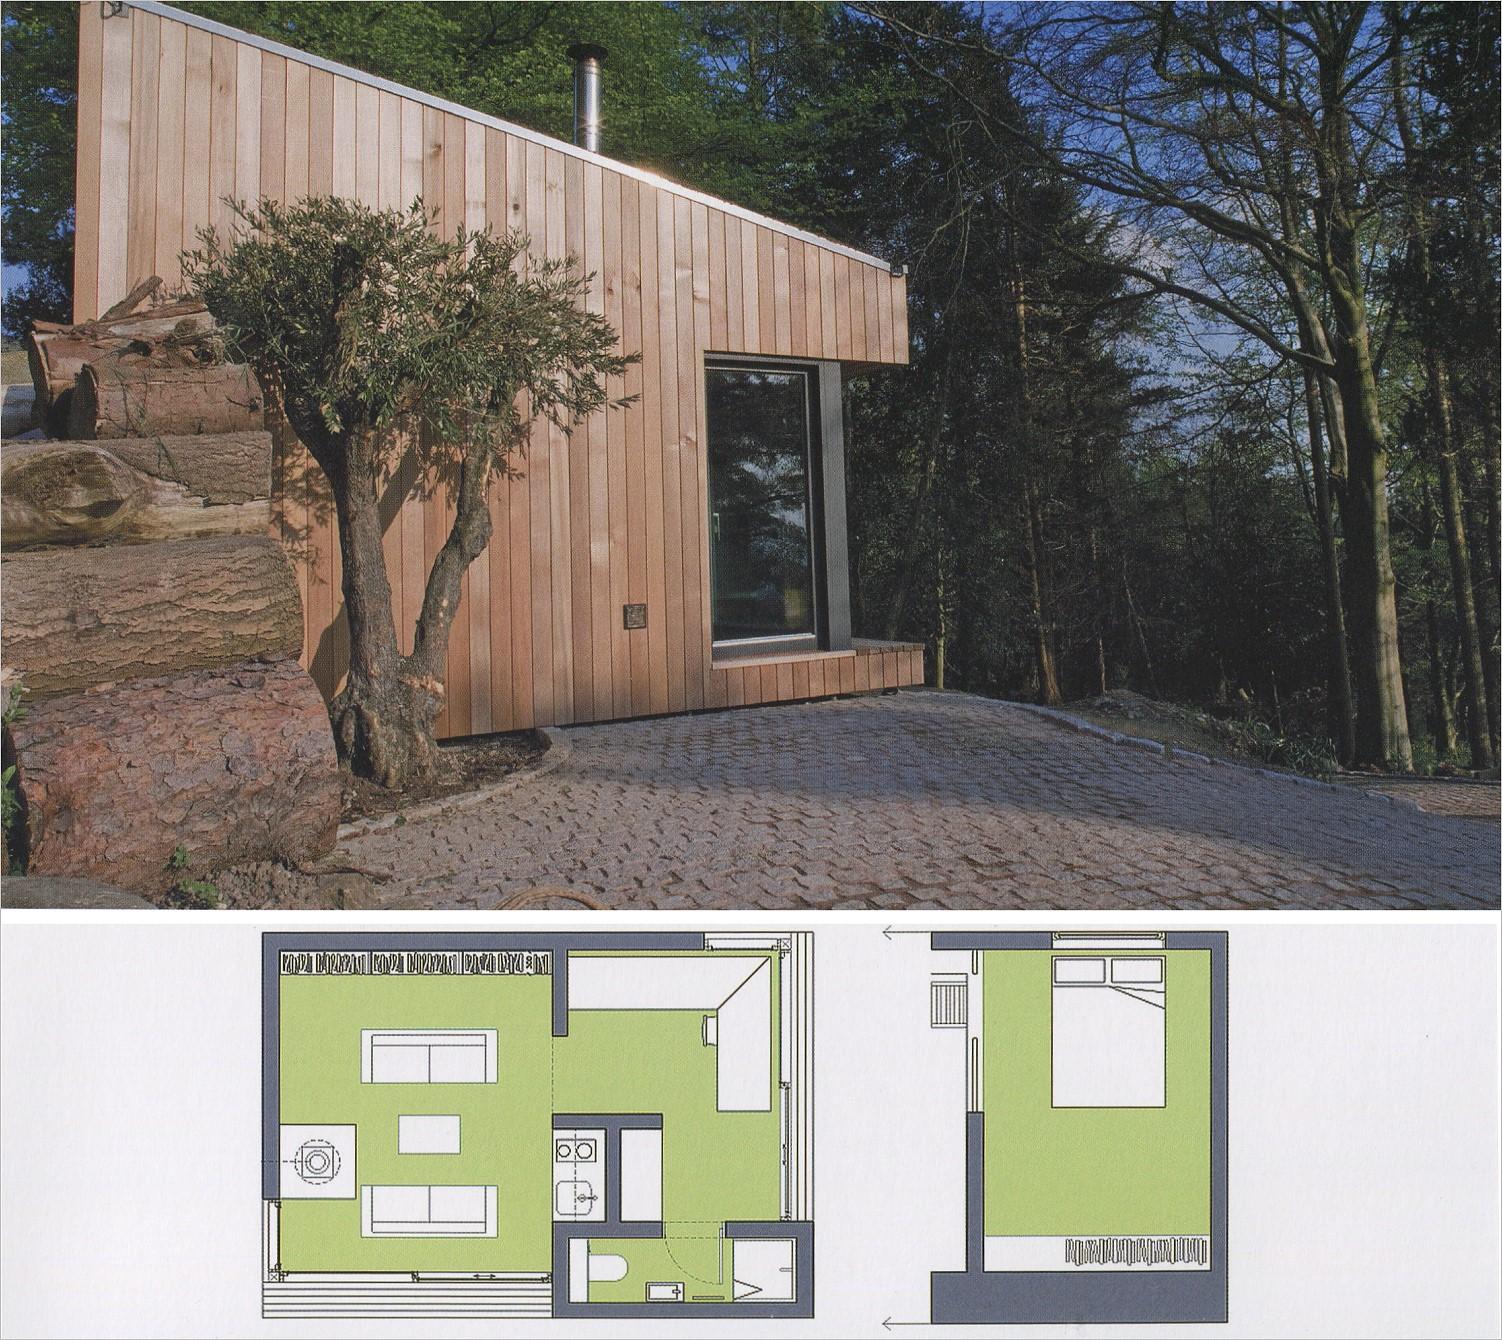 moderne exklusive landh user medienservice architektur und bauwesen. Black Bedroom Furniture Sets. Home Design Ideas